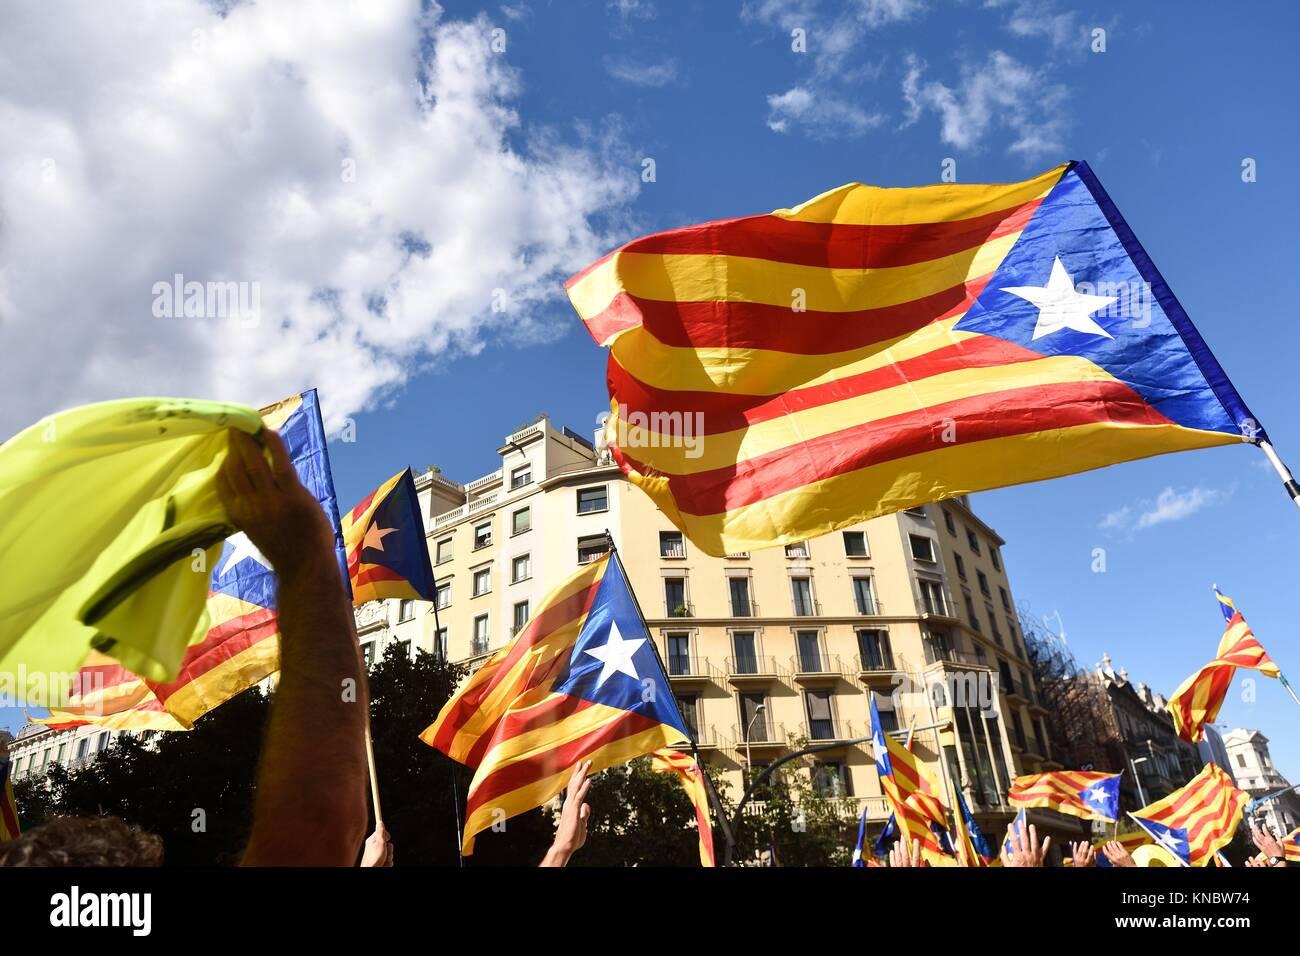 Independence manifestation in Barcelona, (SI) Arago Sreet, September 11, 2017. - Stock Image